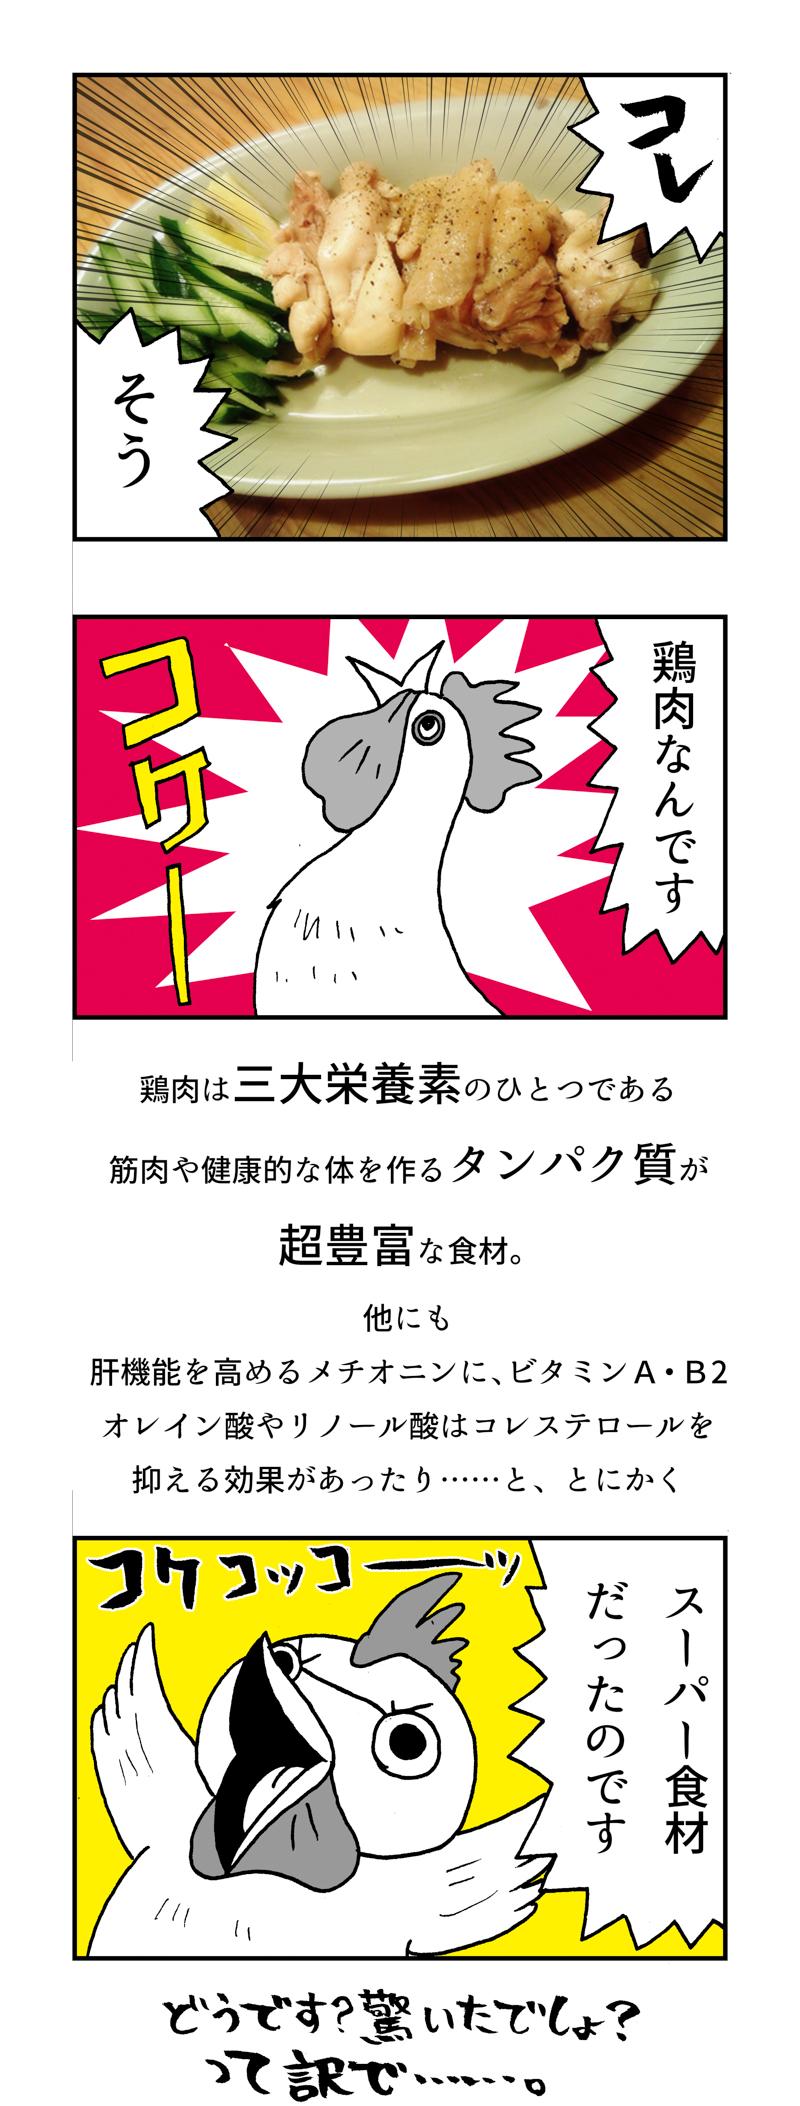 f:id:Meshi2_IB:20170227085553j:plain